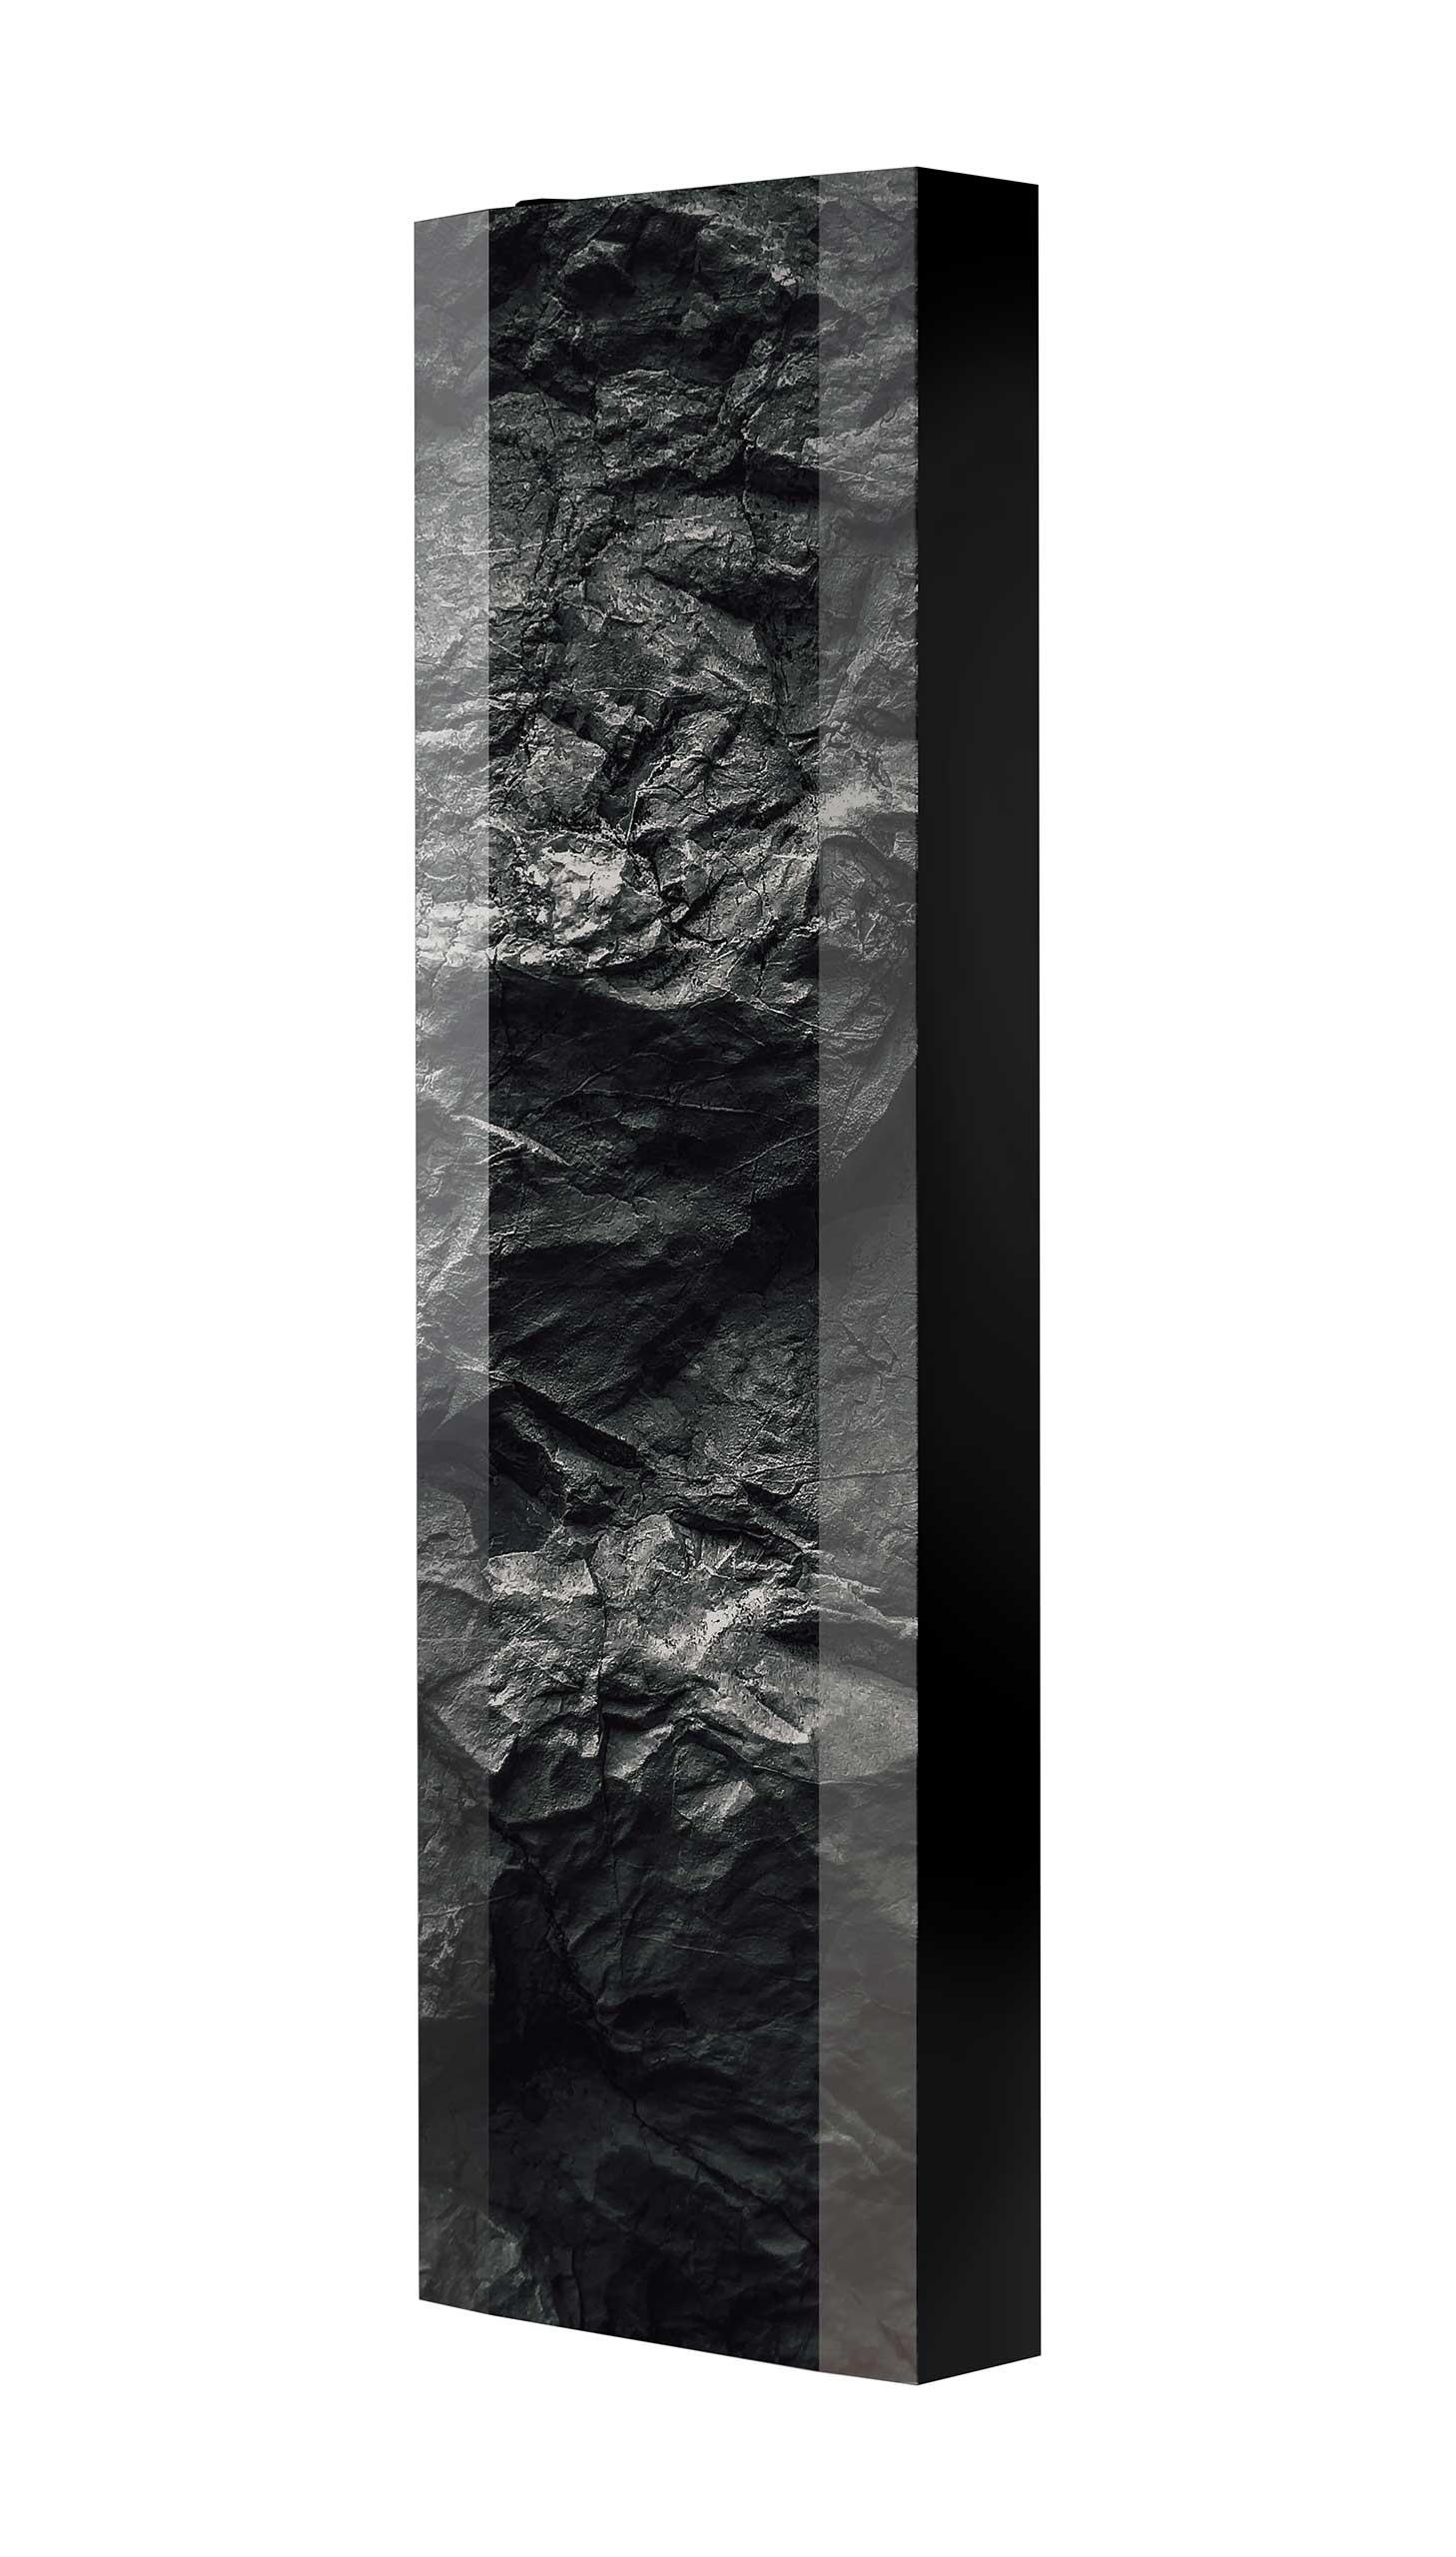 Schuhschrank FLASH 450 BLACK-EDITION Motivschrank schwarz drehbar M100 Felsen Schwarz-Weiß